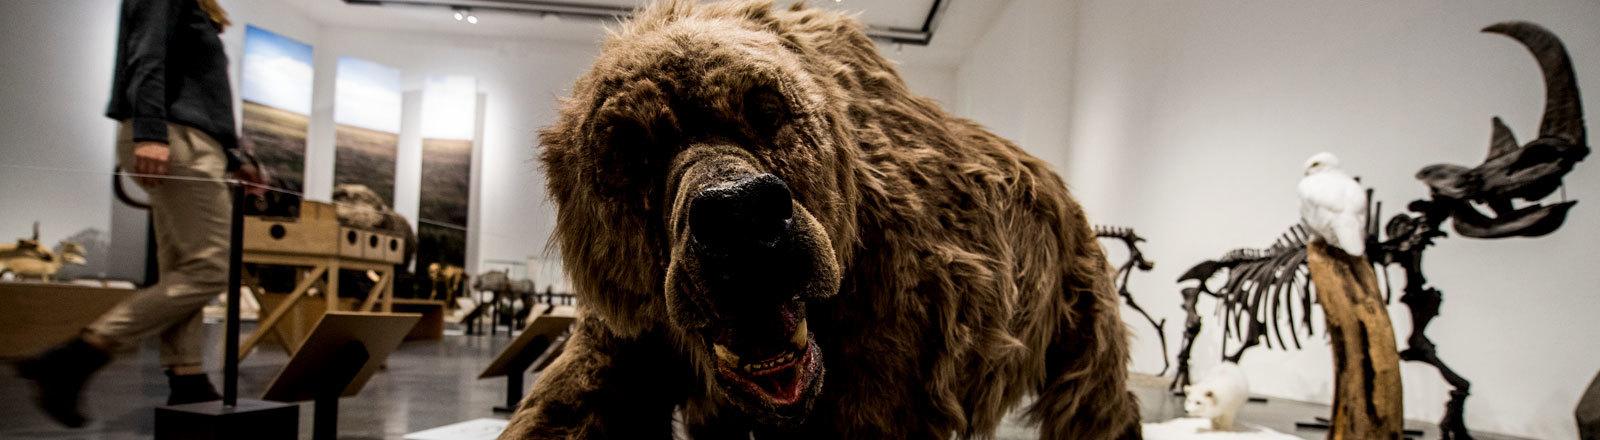 """Eine Komplett-Rekonstruktion eines Höhlenbären (lebte vor ca. 20.000 Jahren) steht in der Ausstellung """"Eiszeit-Safari"""". Das Museum Wiesbaden zeigt vom 7. Oktober 2018 bis 21. April 2019"""